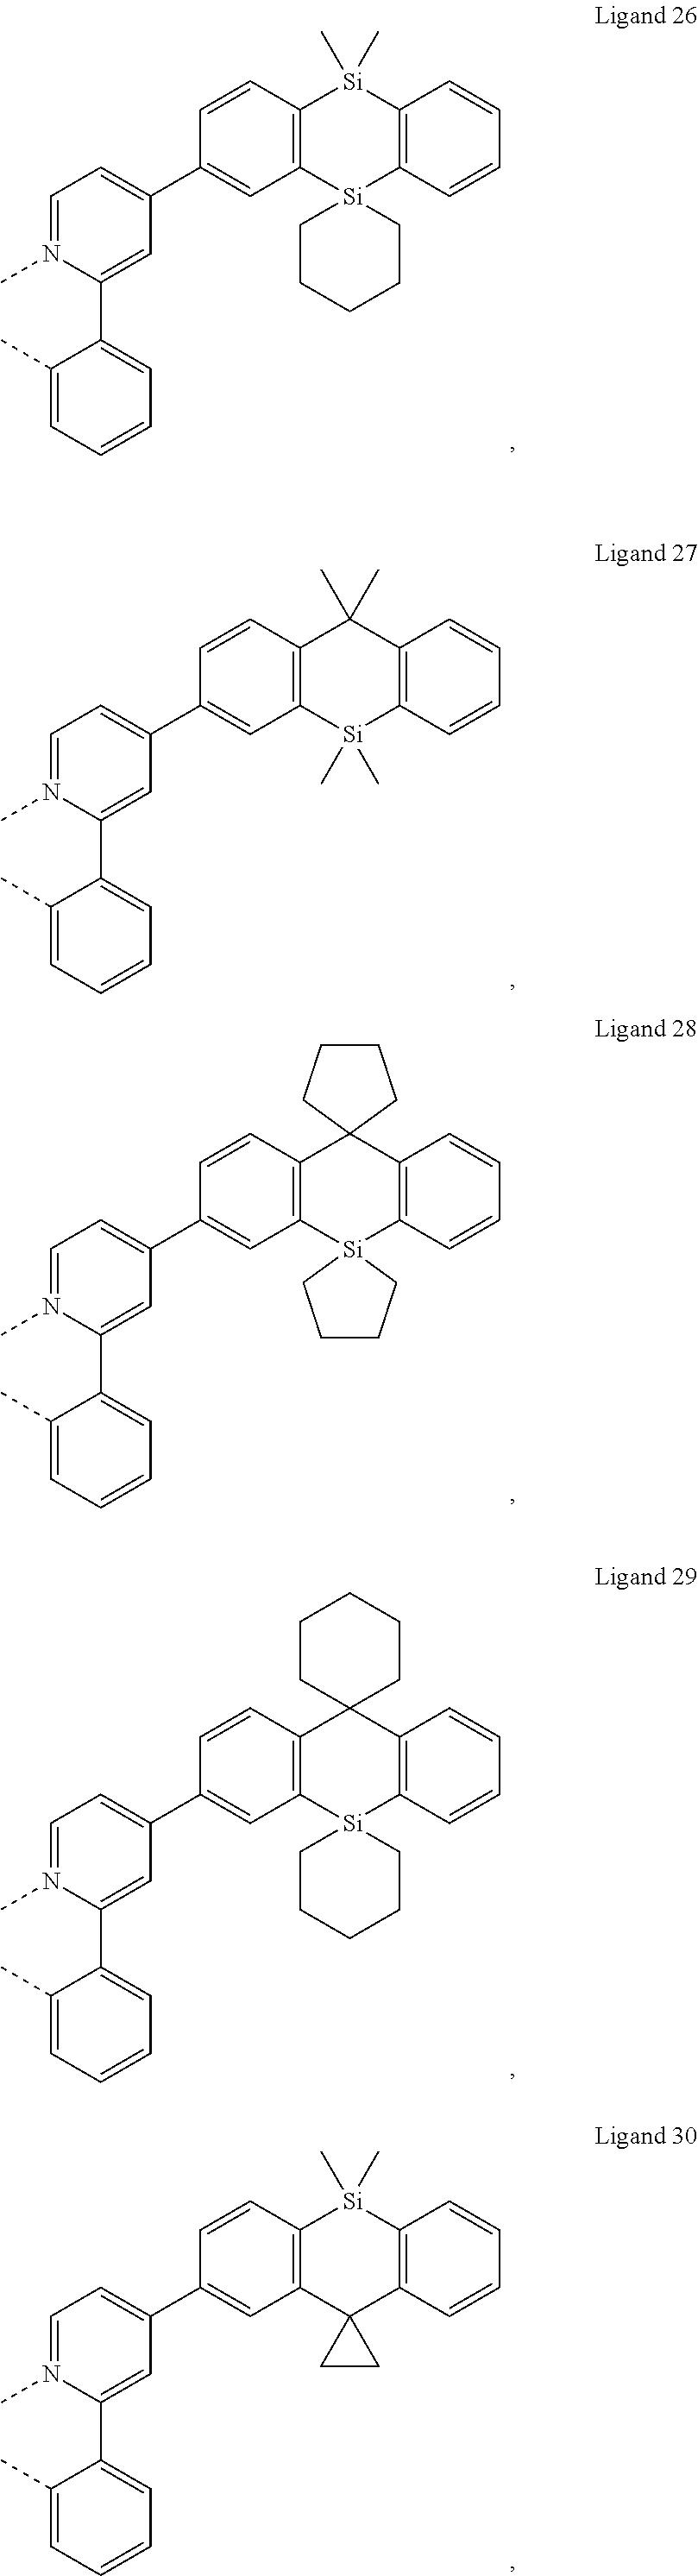 Figure US20180130962A1-20180510-C00233